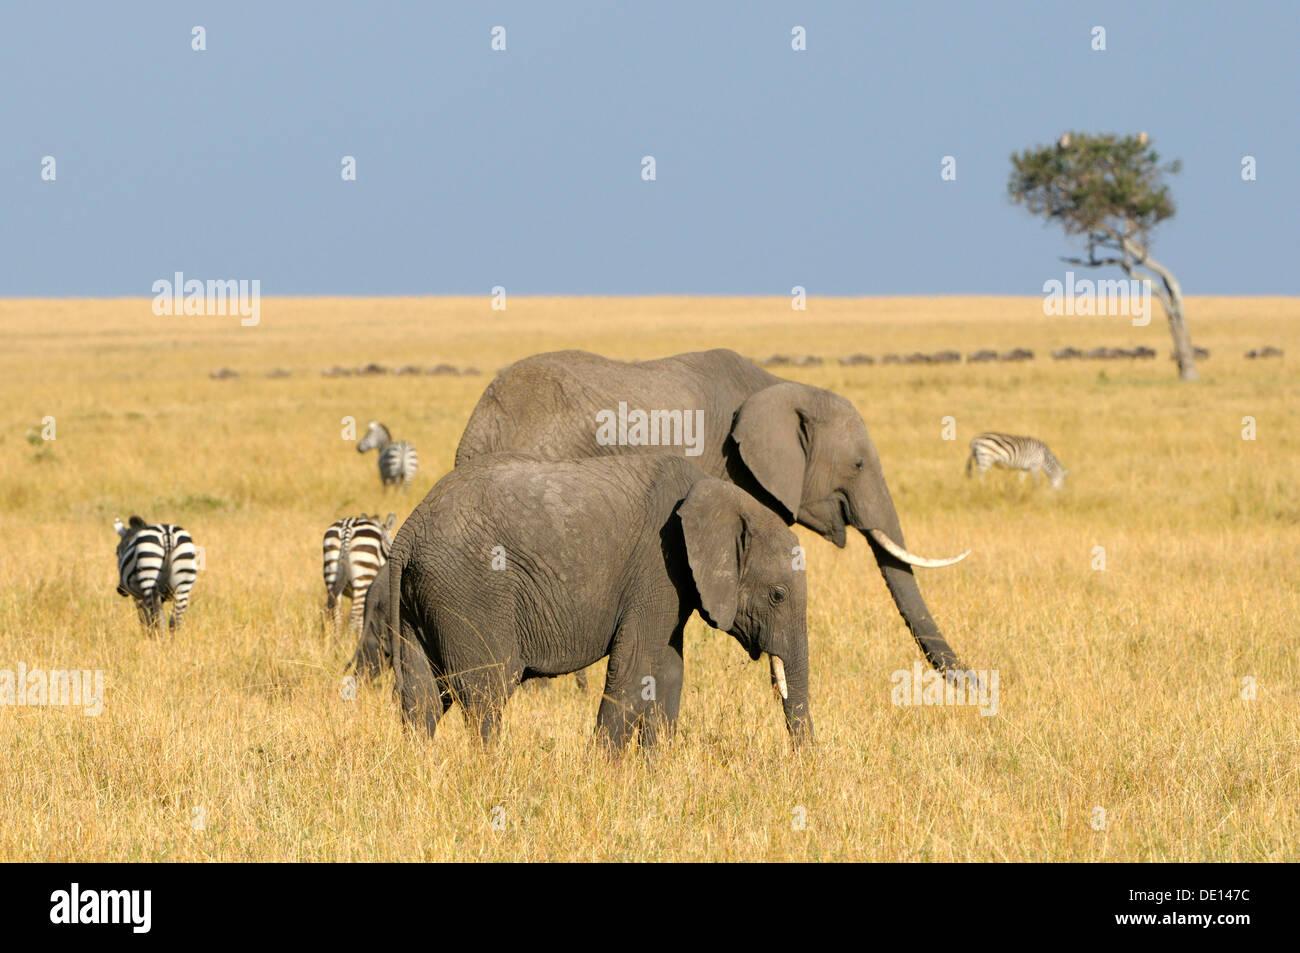 Bush africano Elefante africano (Loxodonta africana), gruppo errante, paesaggio Masai Mara riserva nazionale, Kenya, Africa orientale, Africa Immagini Stock